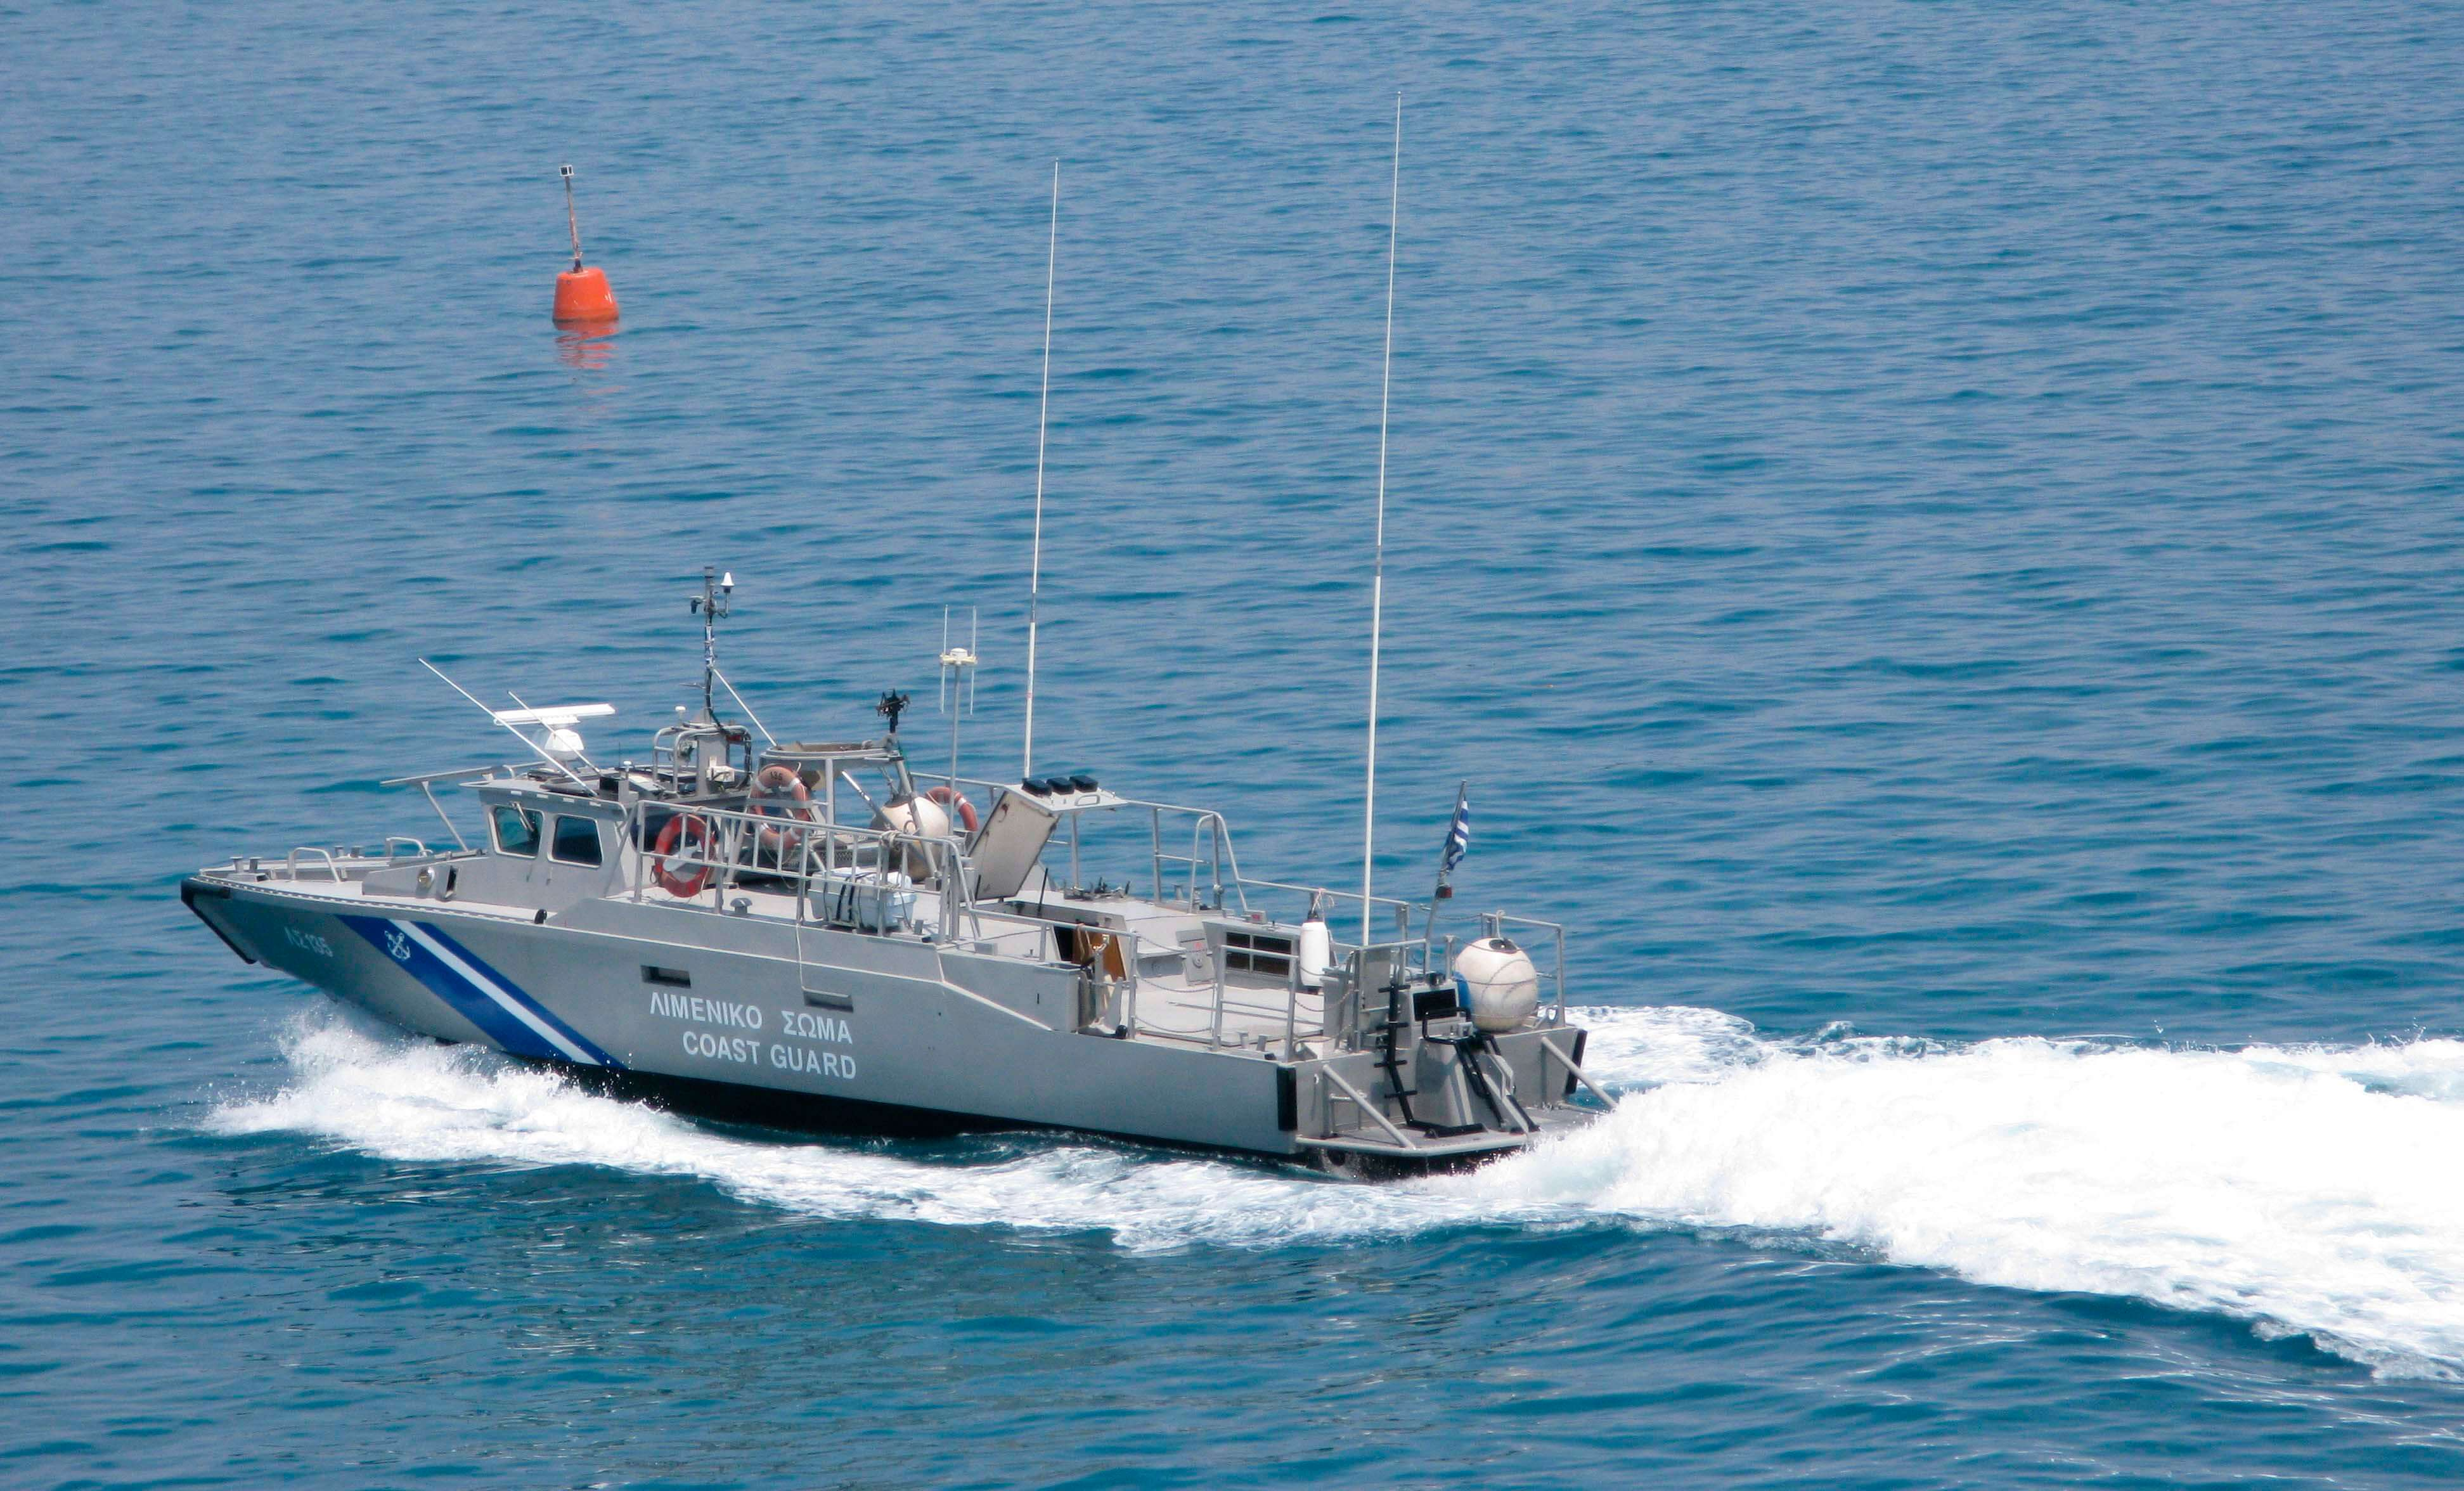 Προειδοποίηση Ζοζέπ Μπορέλ στην Τουρκία: ''Μην παραβιάζετε την κυριαρχία της Ελλάδας στο Αιγαίο τόσο στην ξηρά όσο και στην θάλασσα''